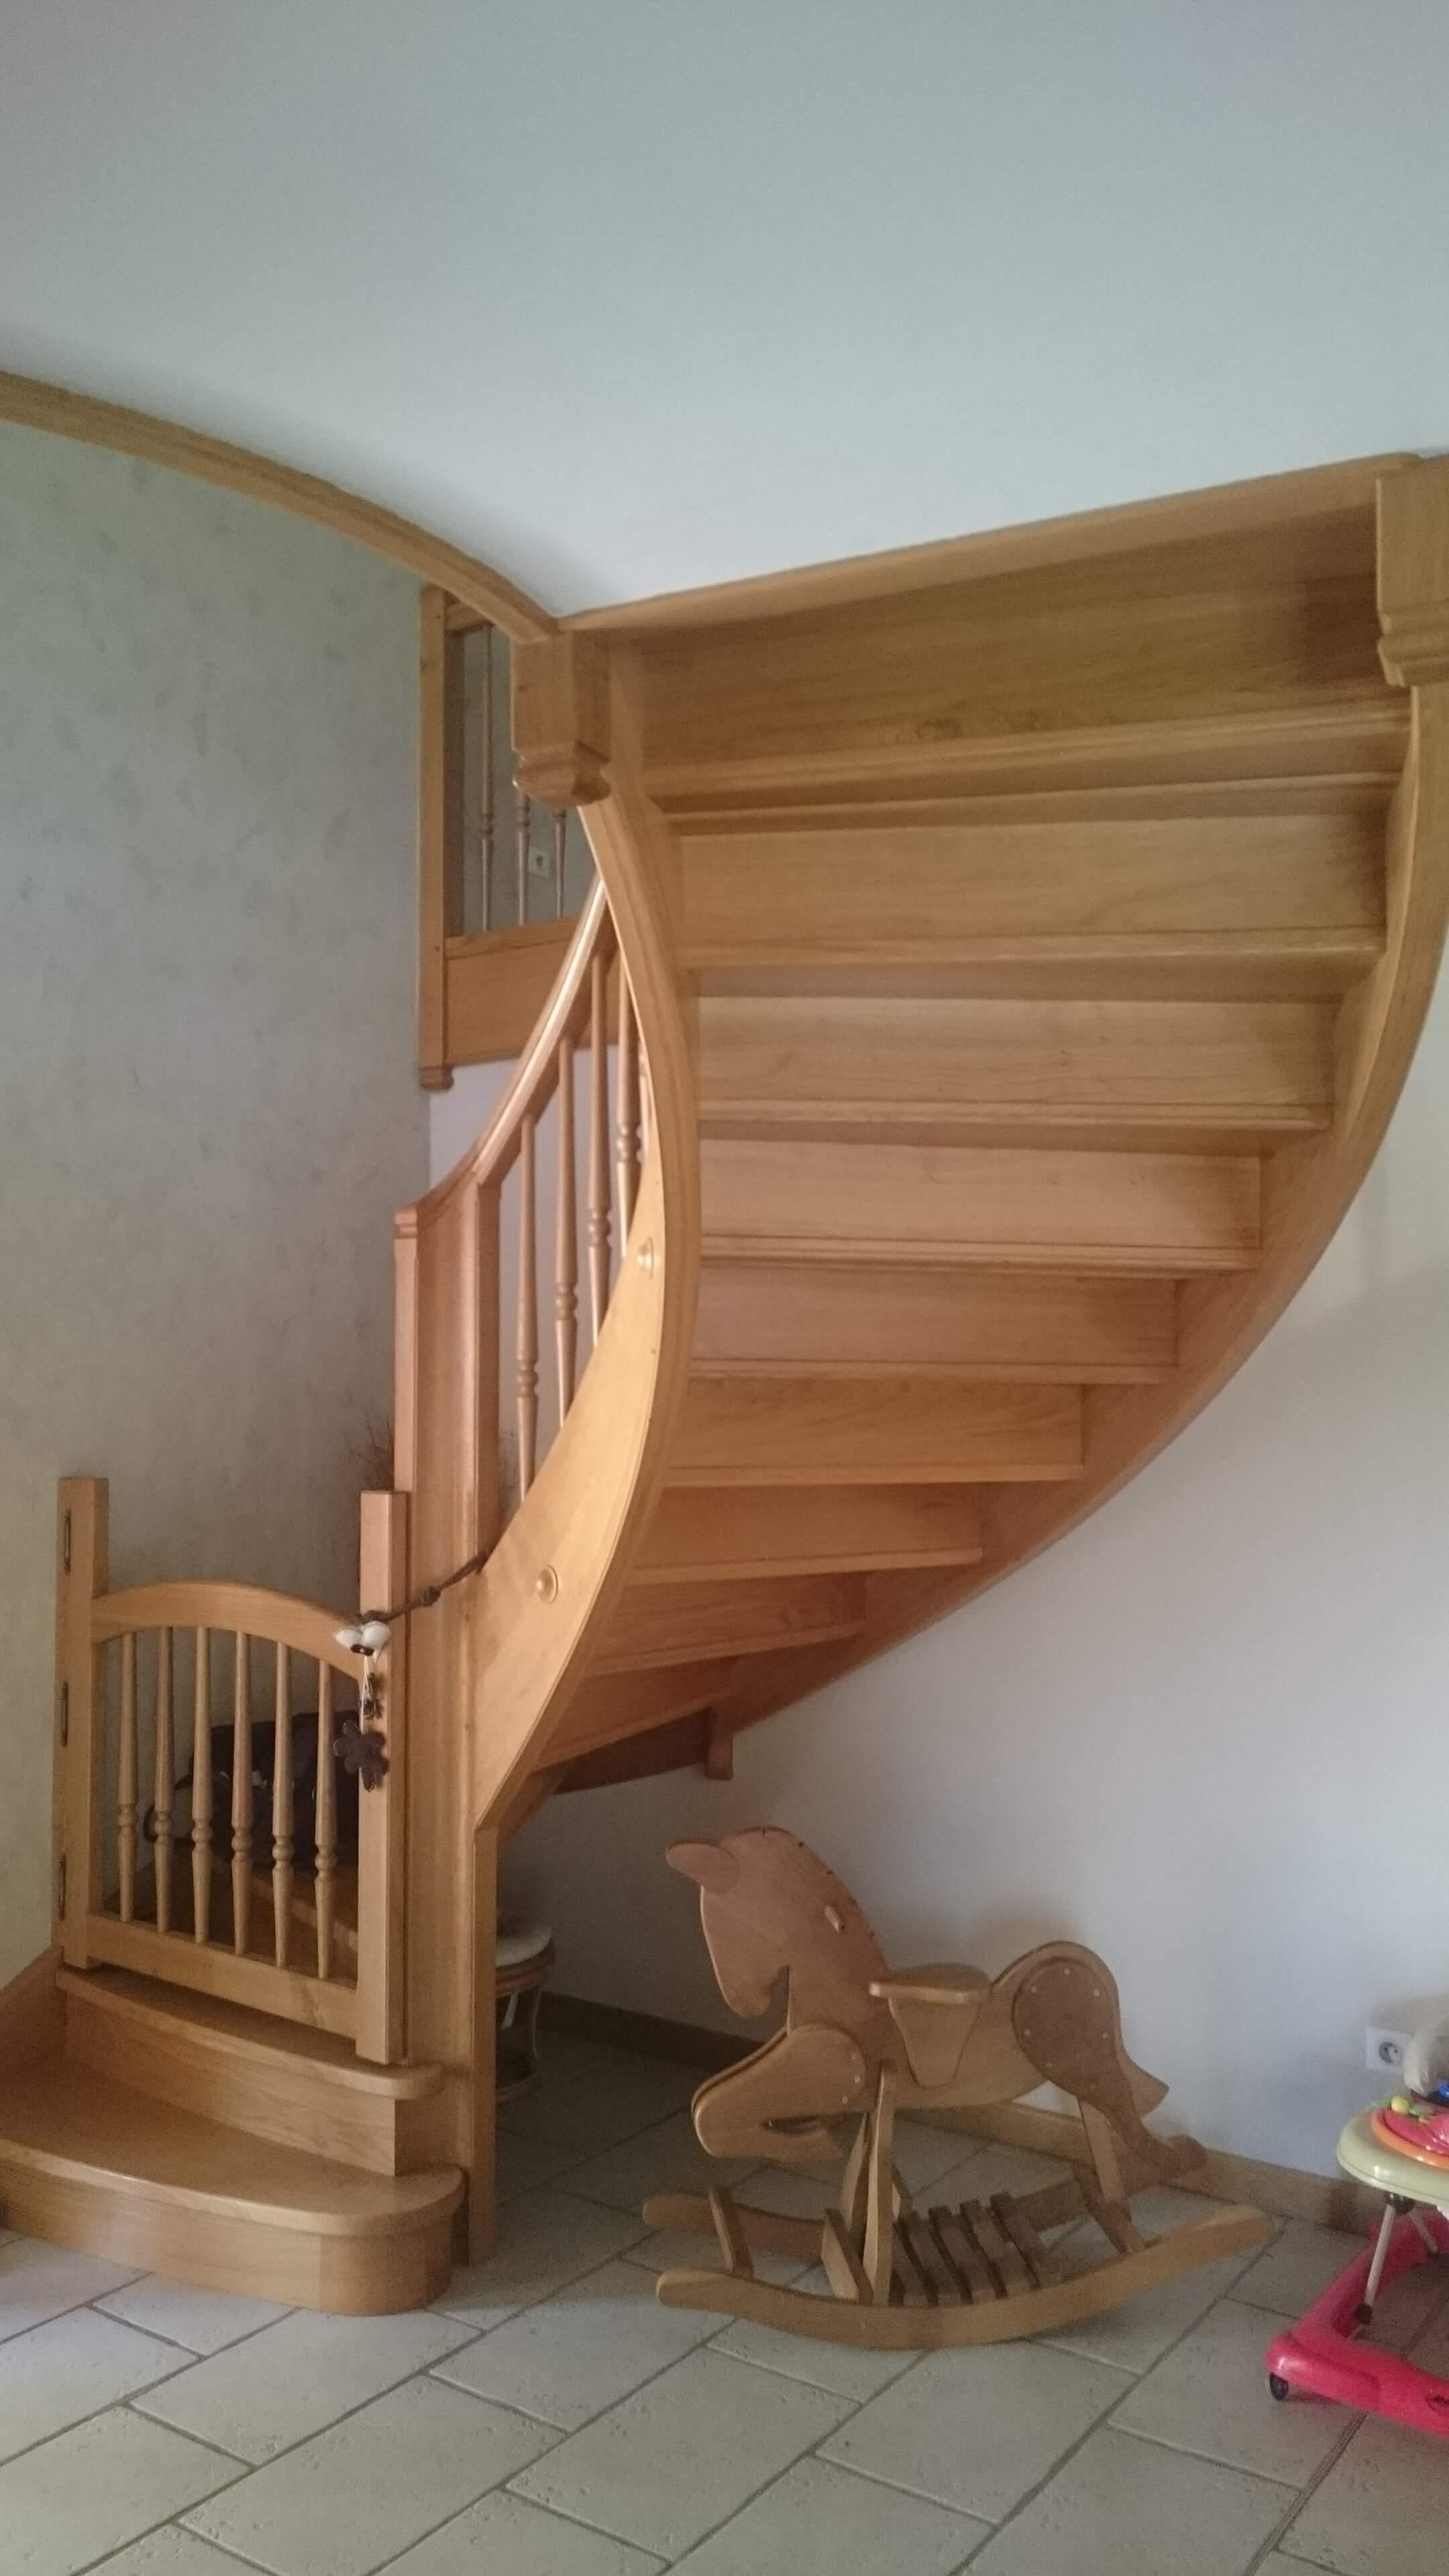 Menuiserie Figard - Fabrication sur mesure - Escalier courbe personnalisé - Chêne - Vesoul